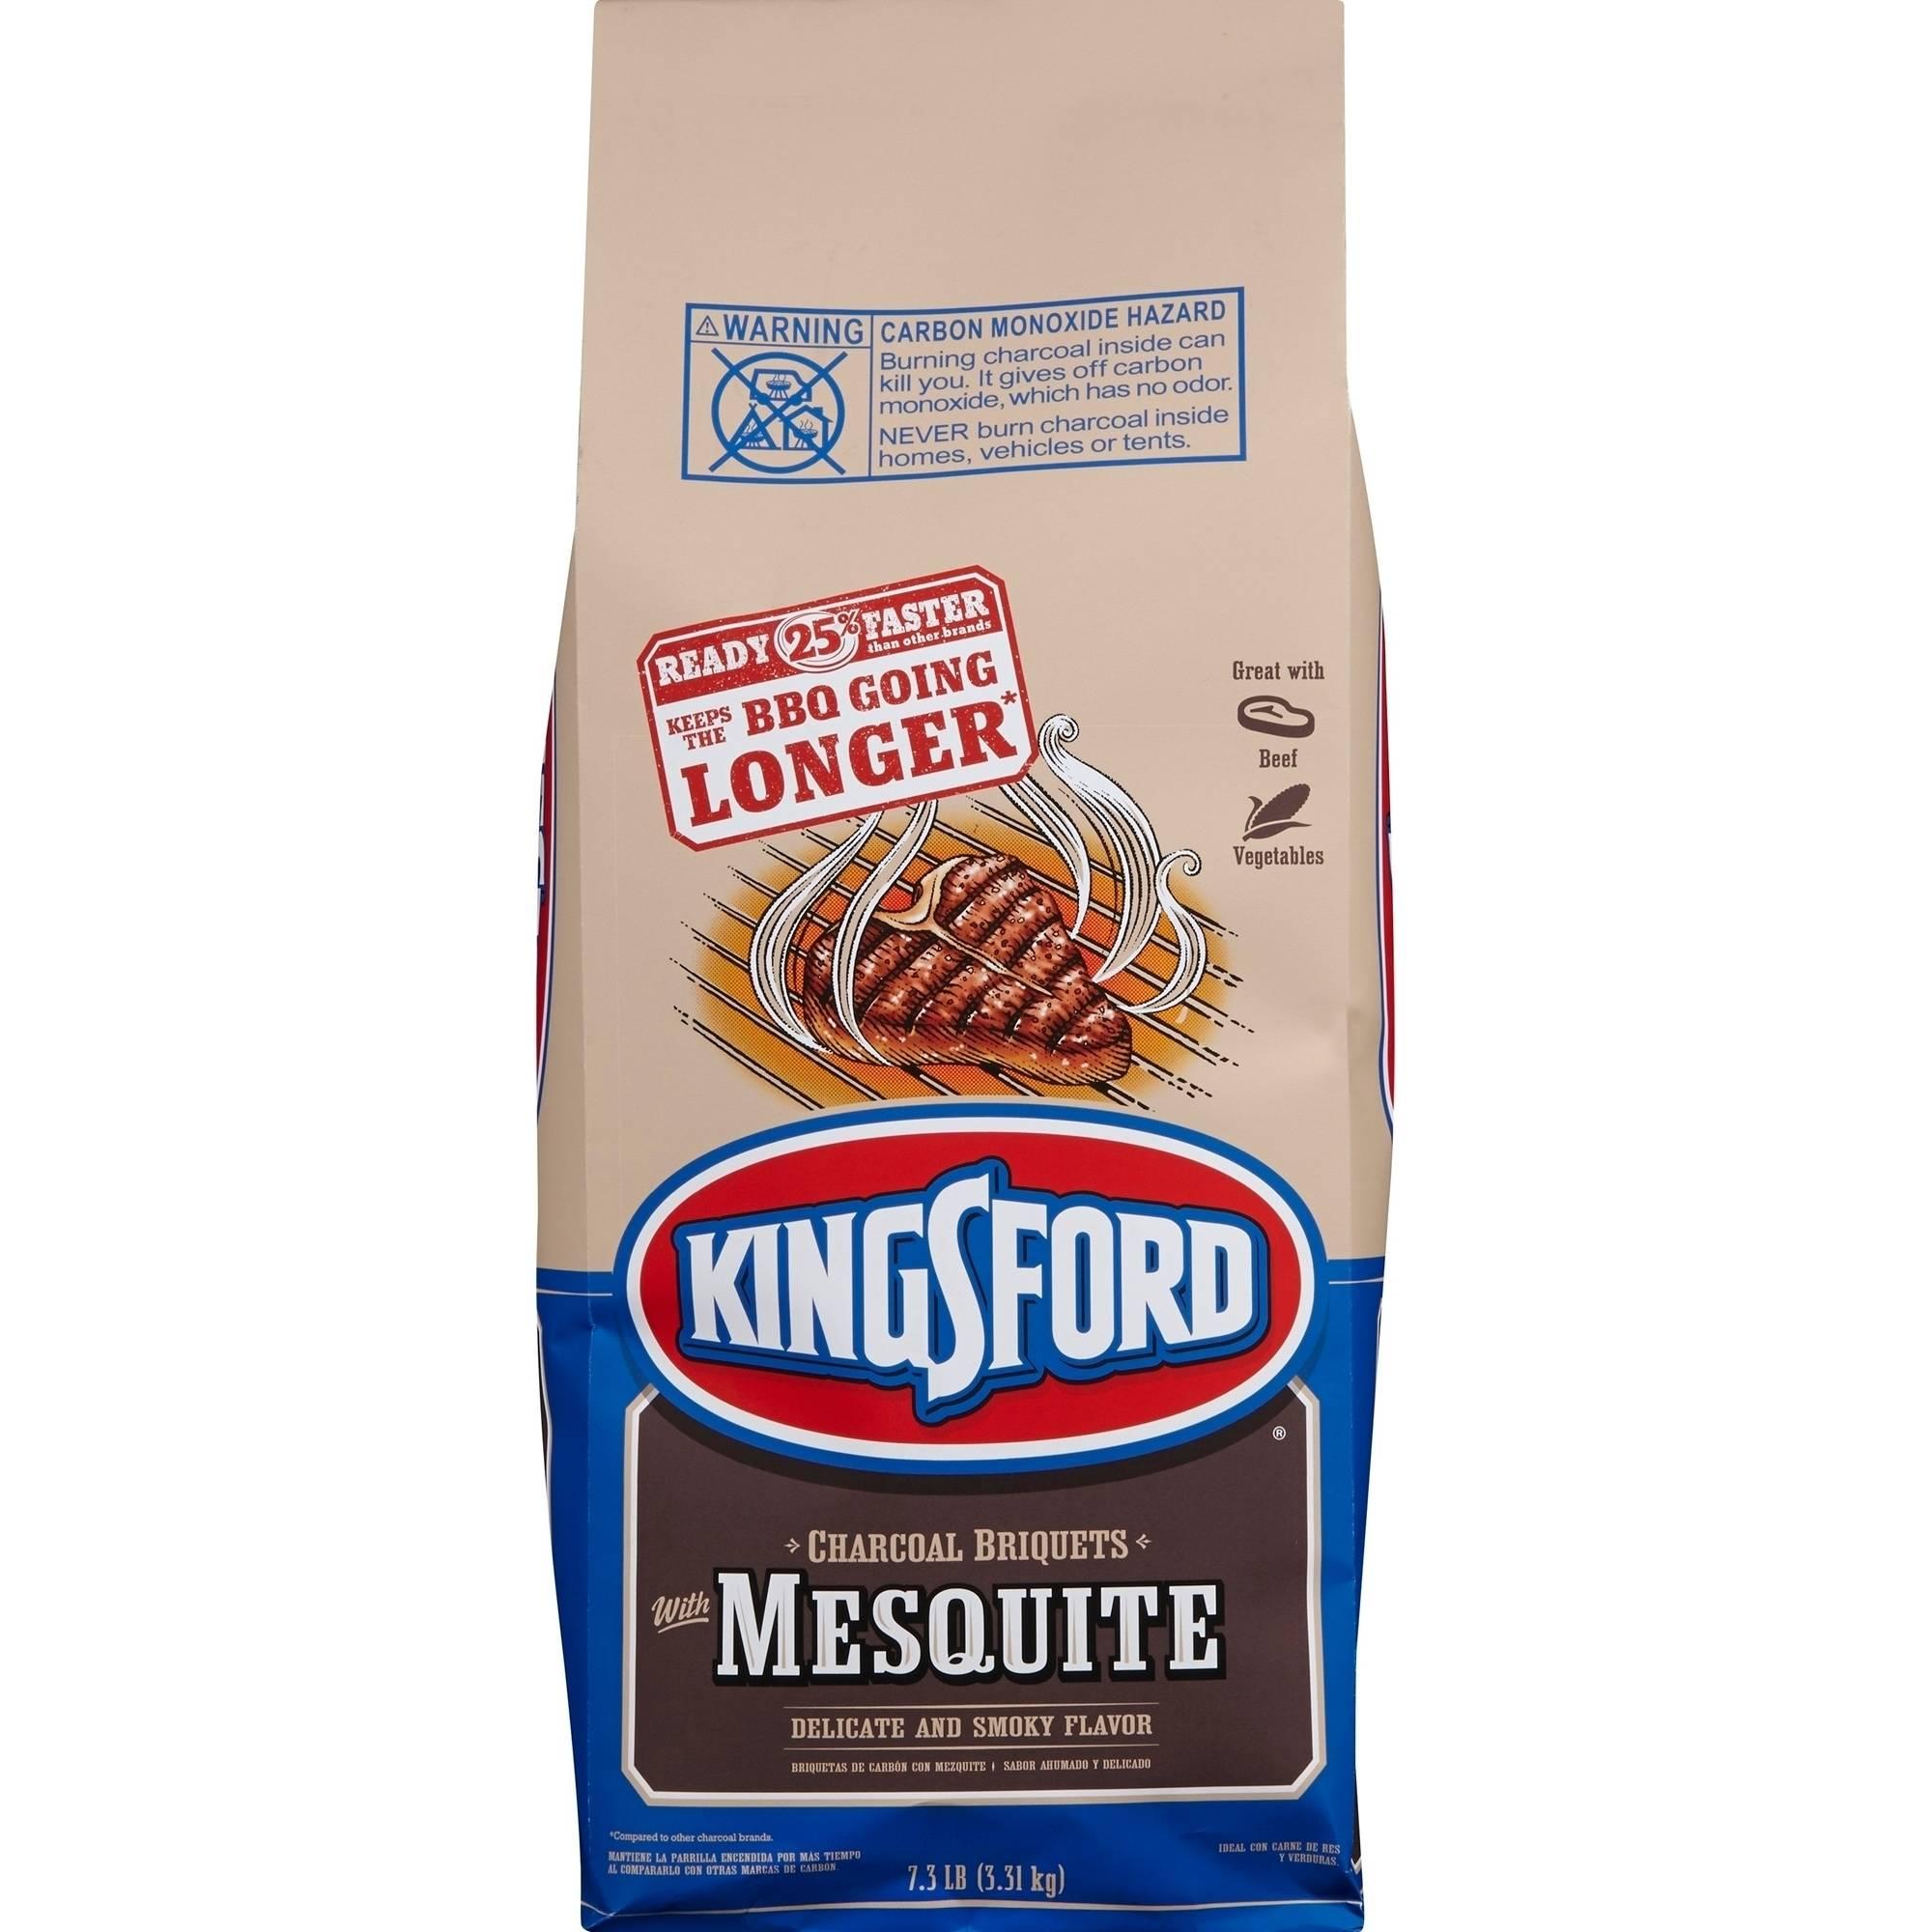 Kingsford Charcoal Briquets, Mesquite, 7.3 Pounds